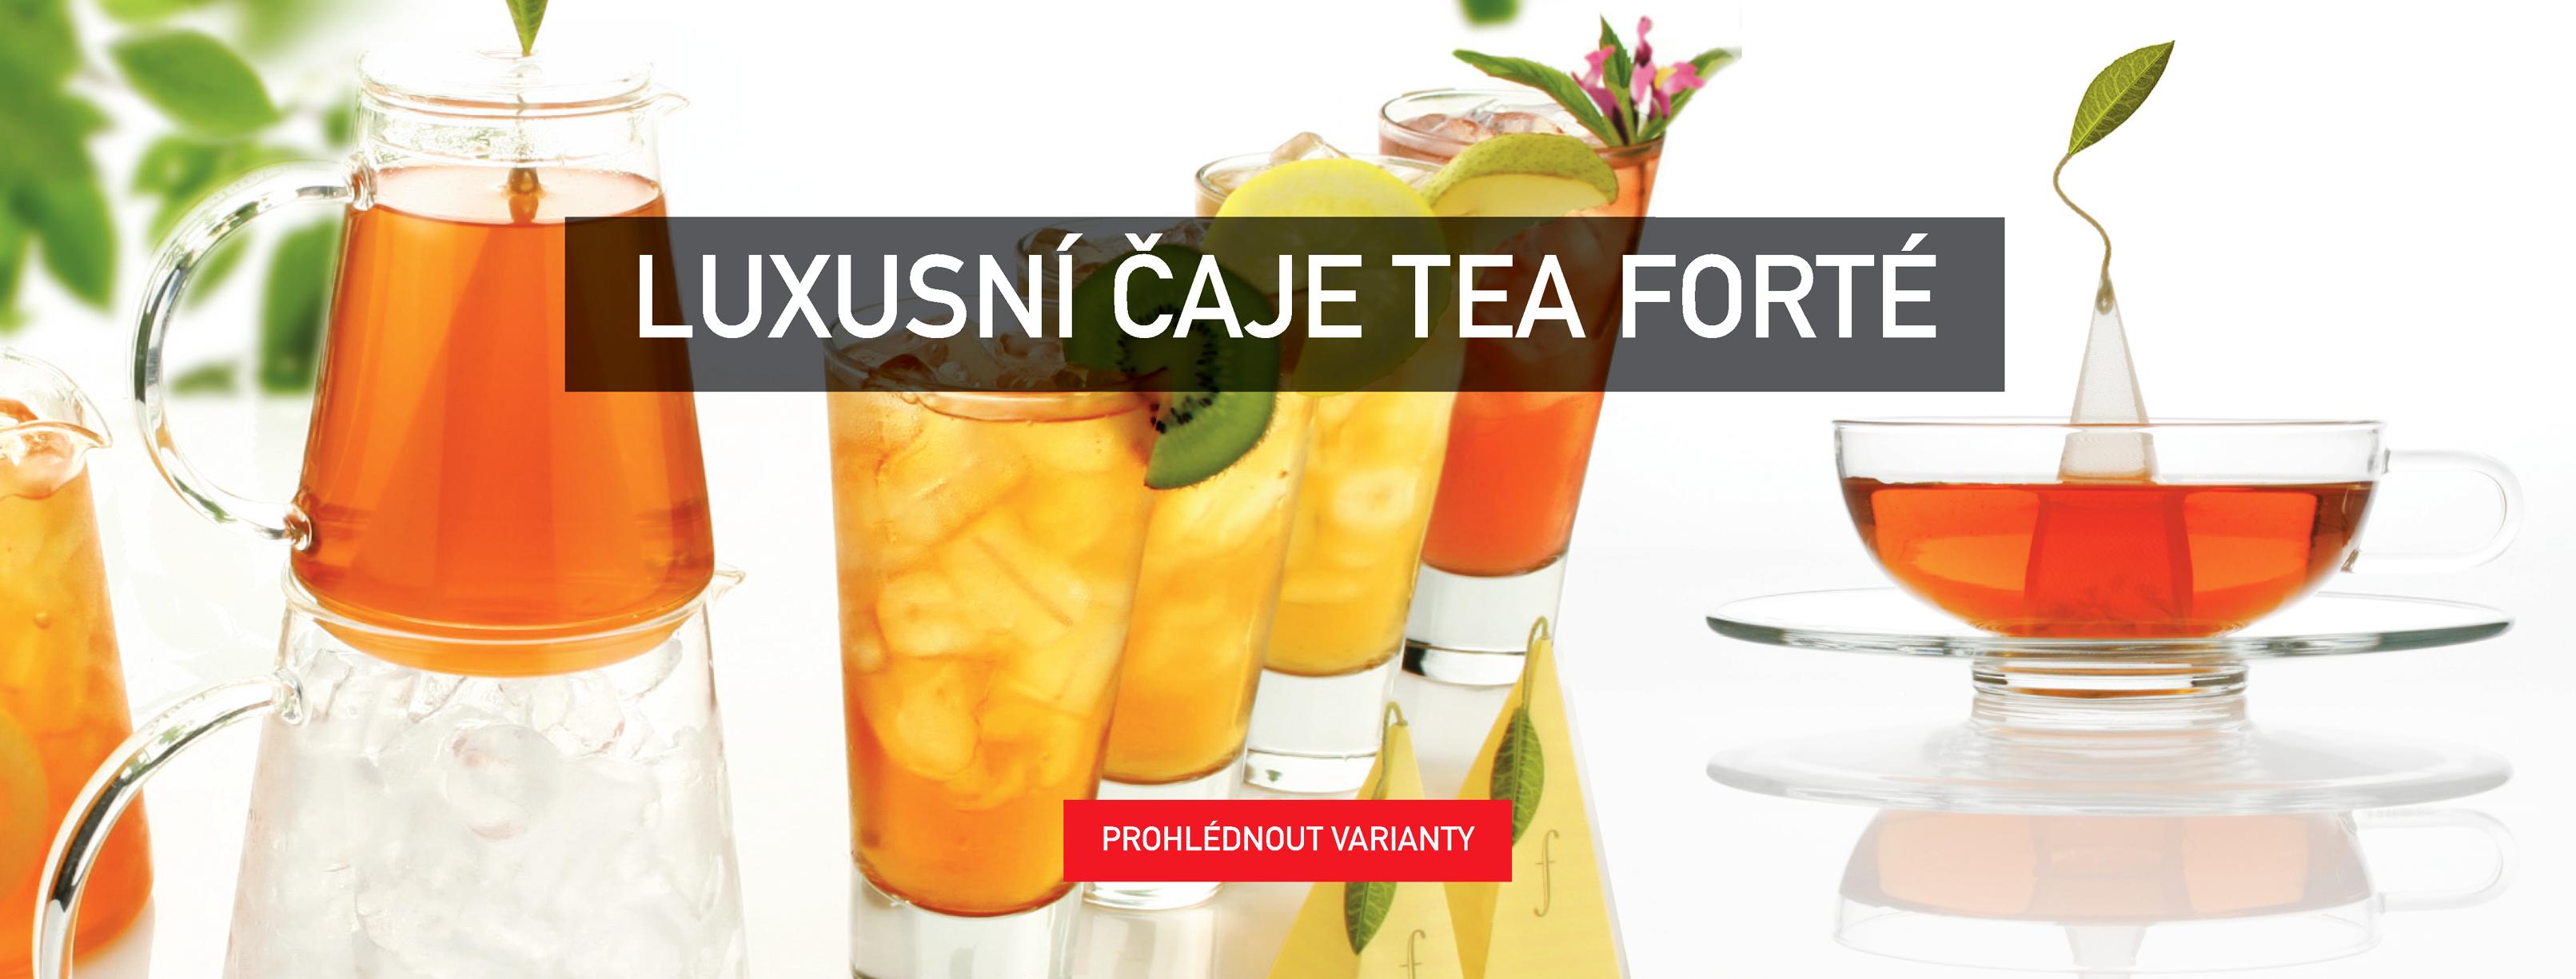 Luxusní čaje Tea forté, pyramidkové čaje